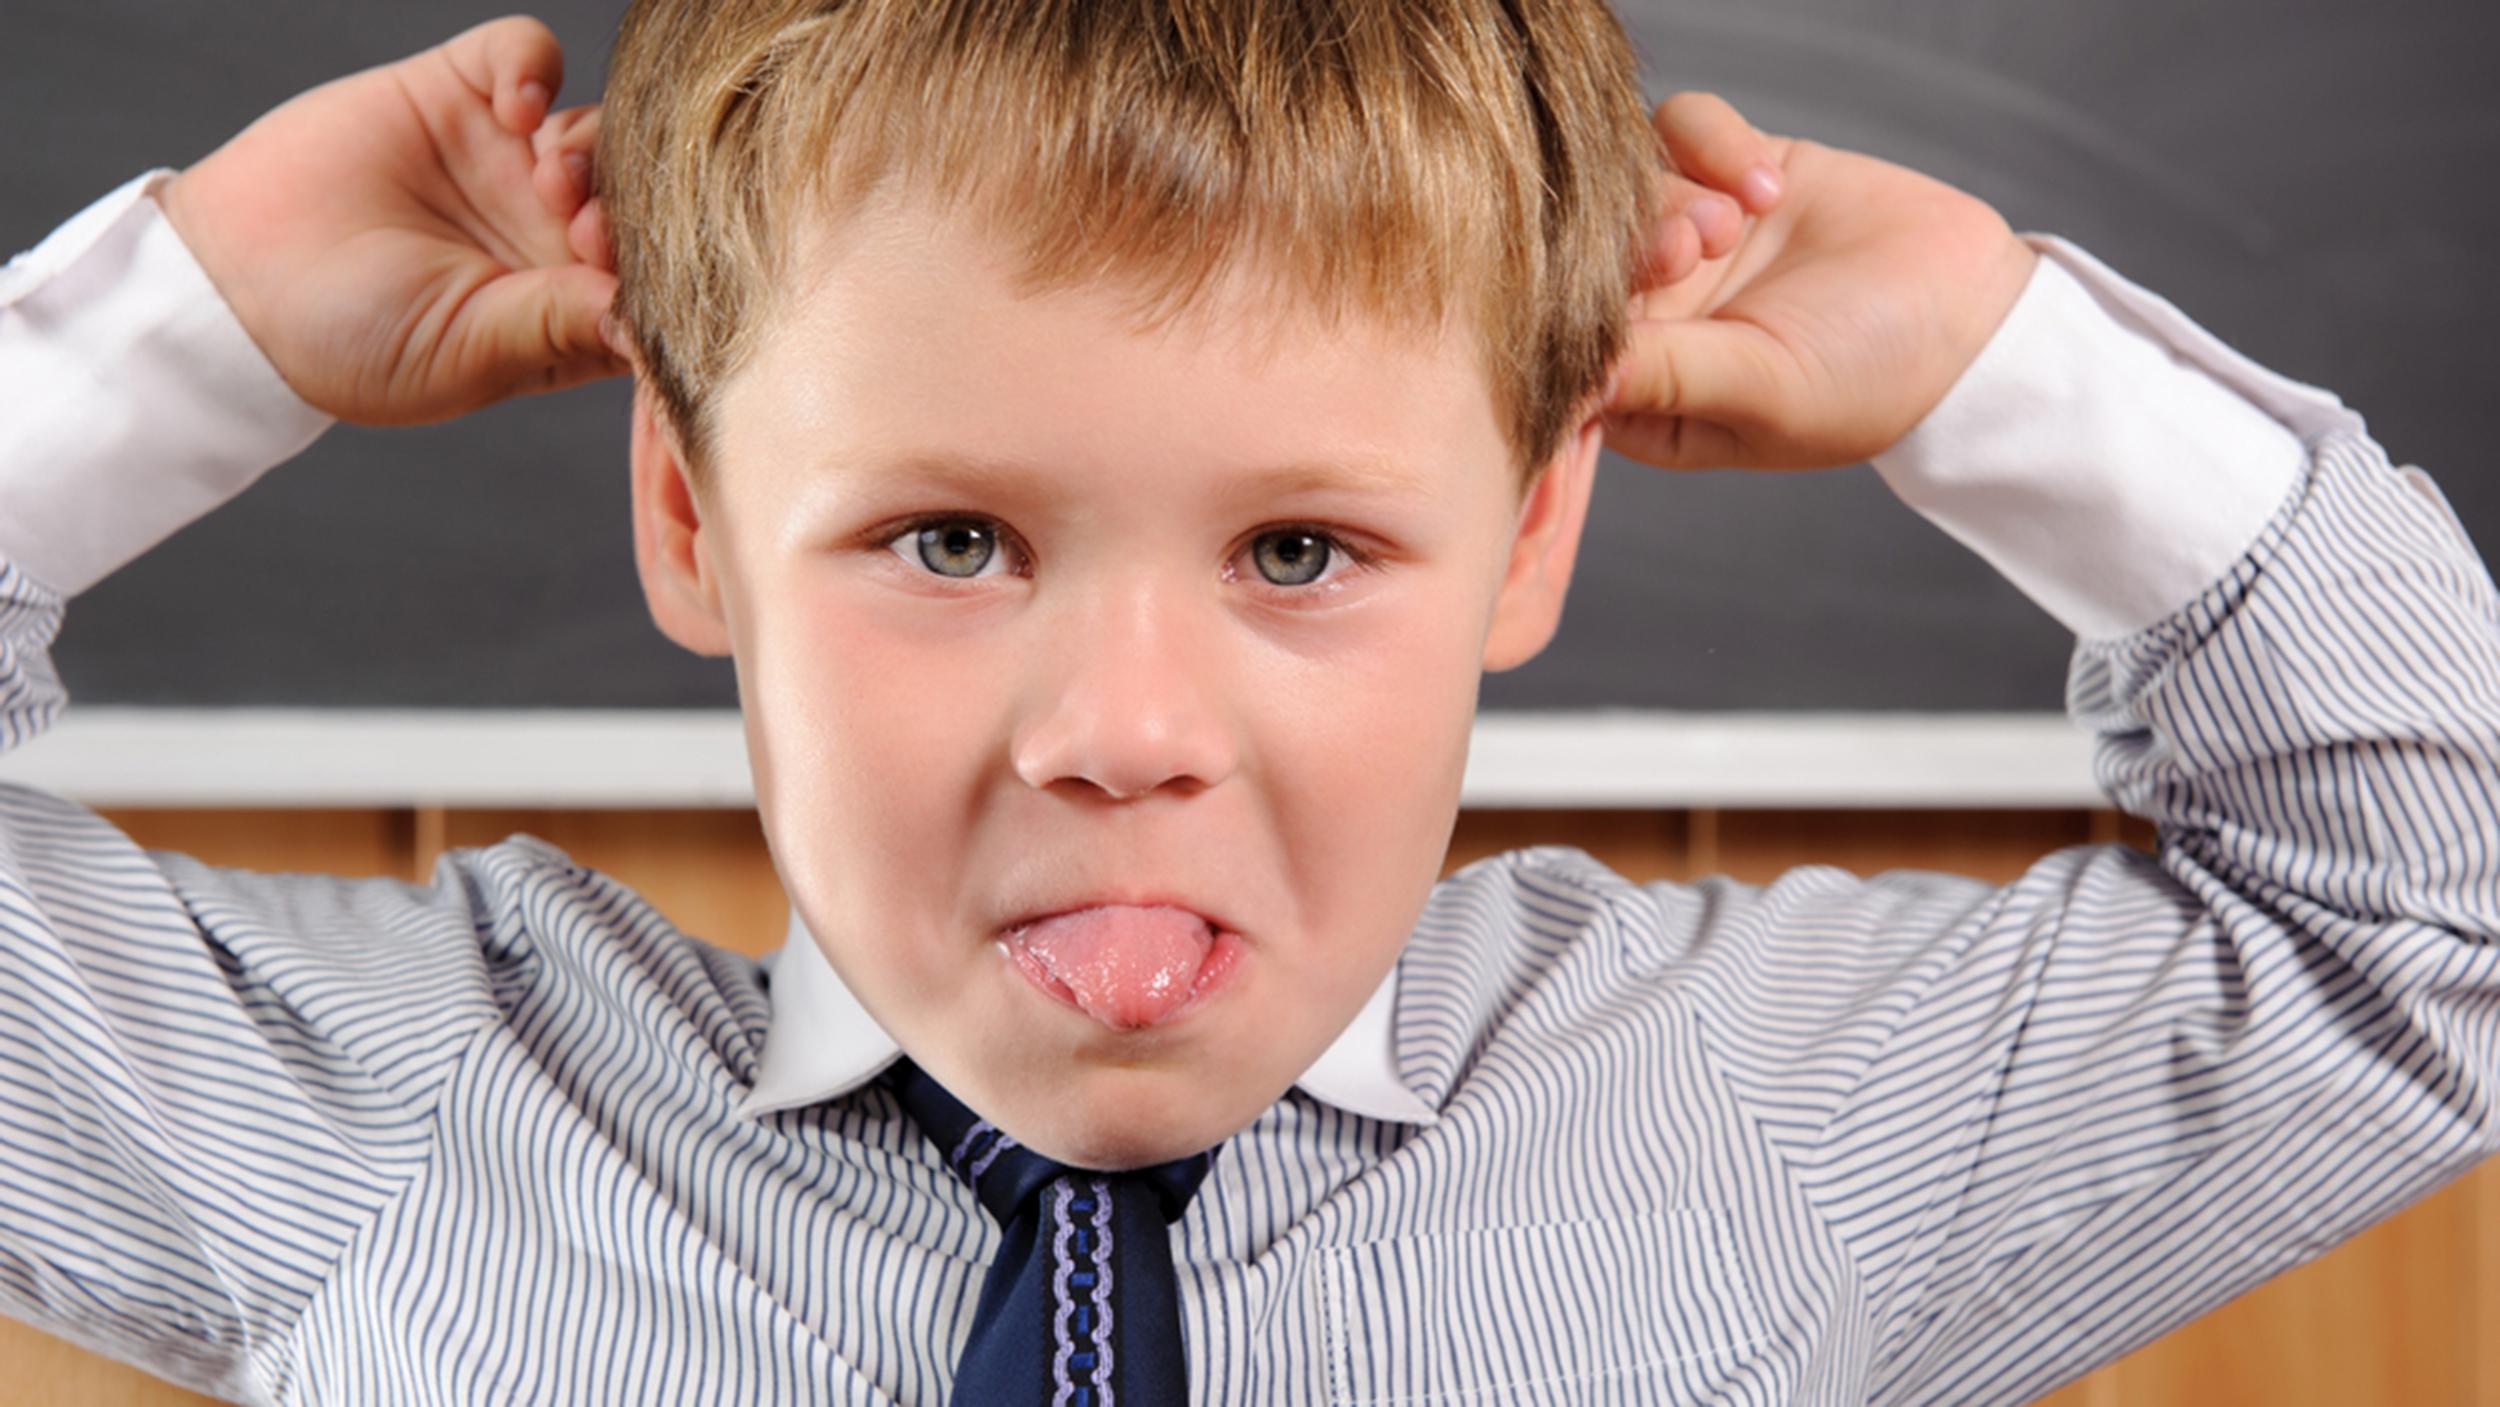 Comment réagir avec un enfant désobéissant dans ces situations ???